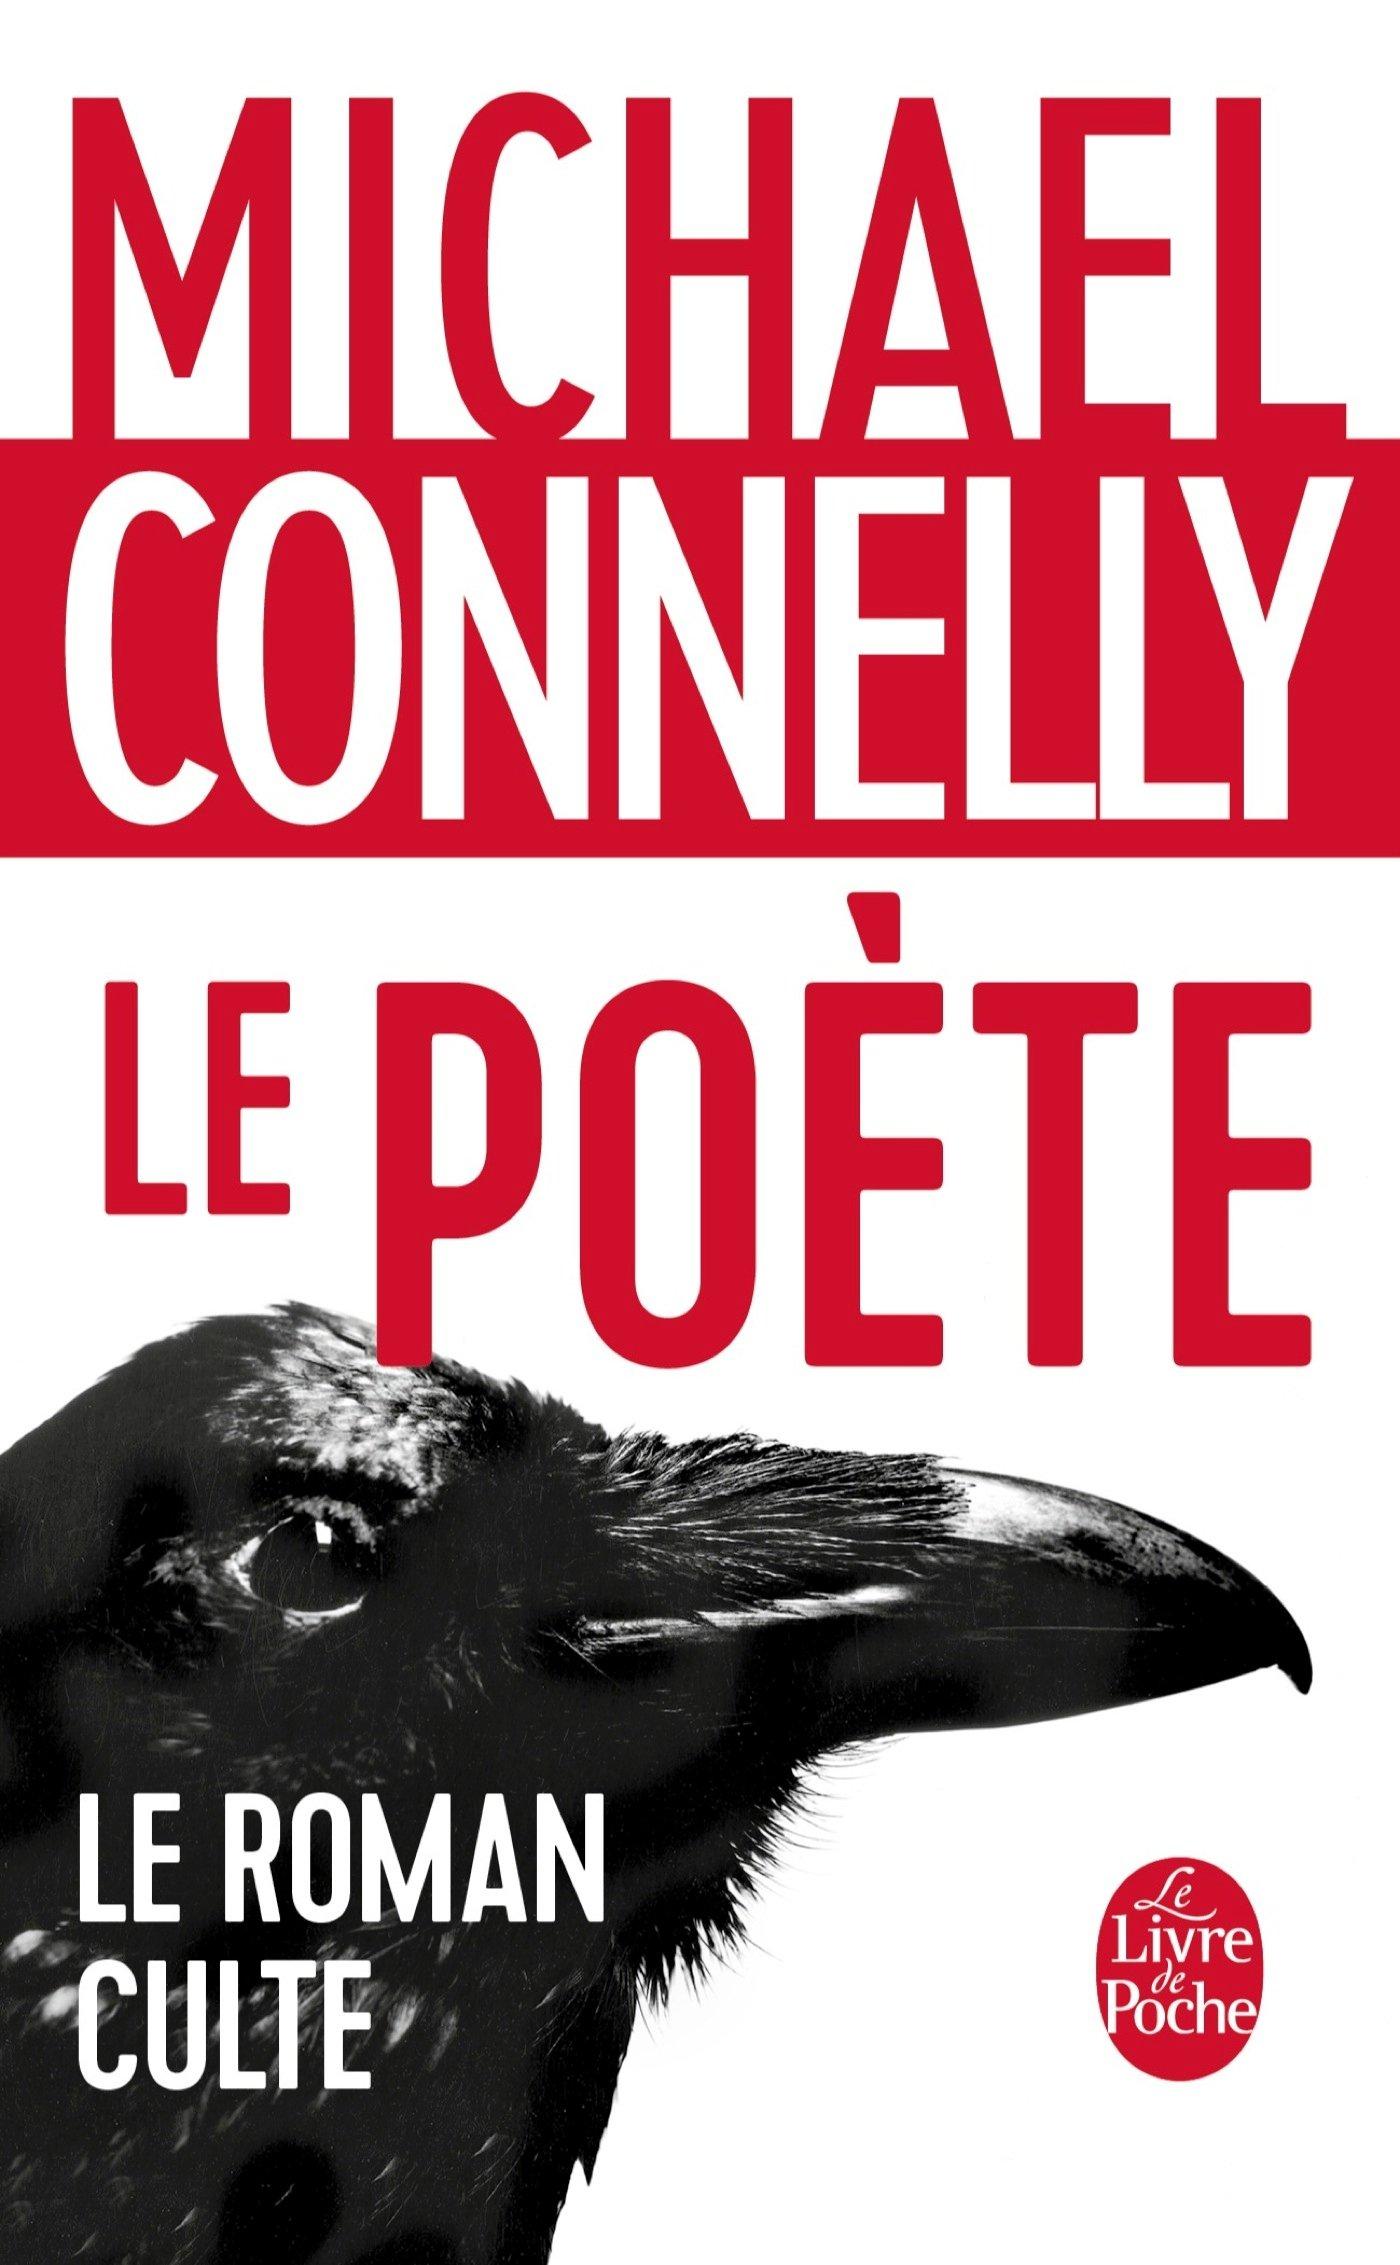 le poete connelly